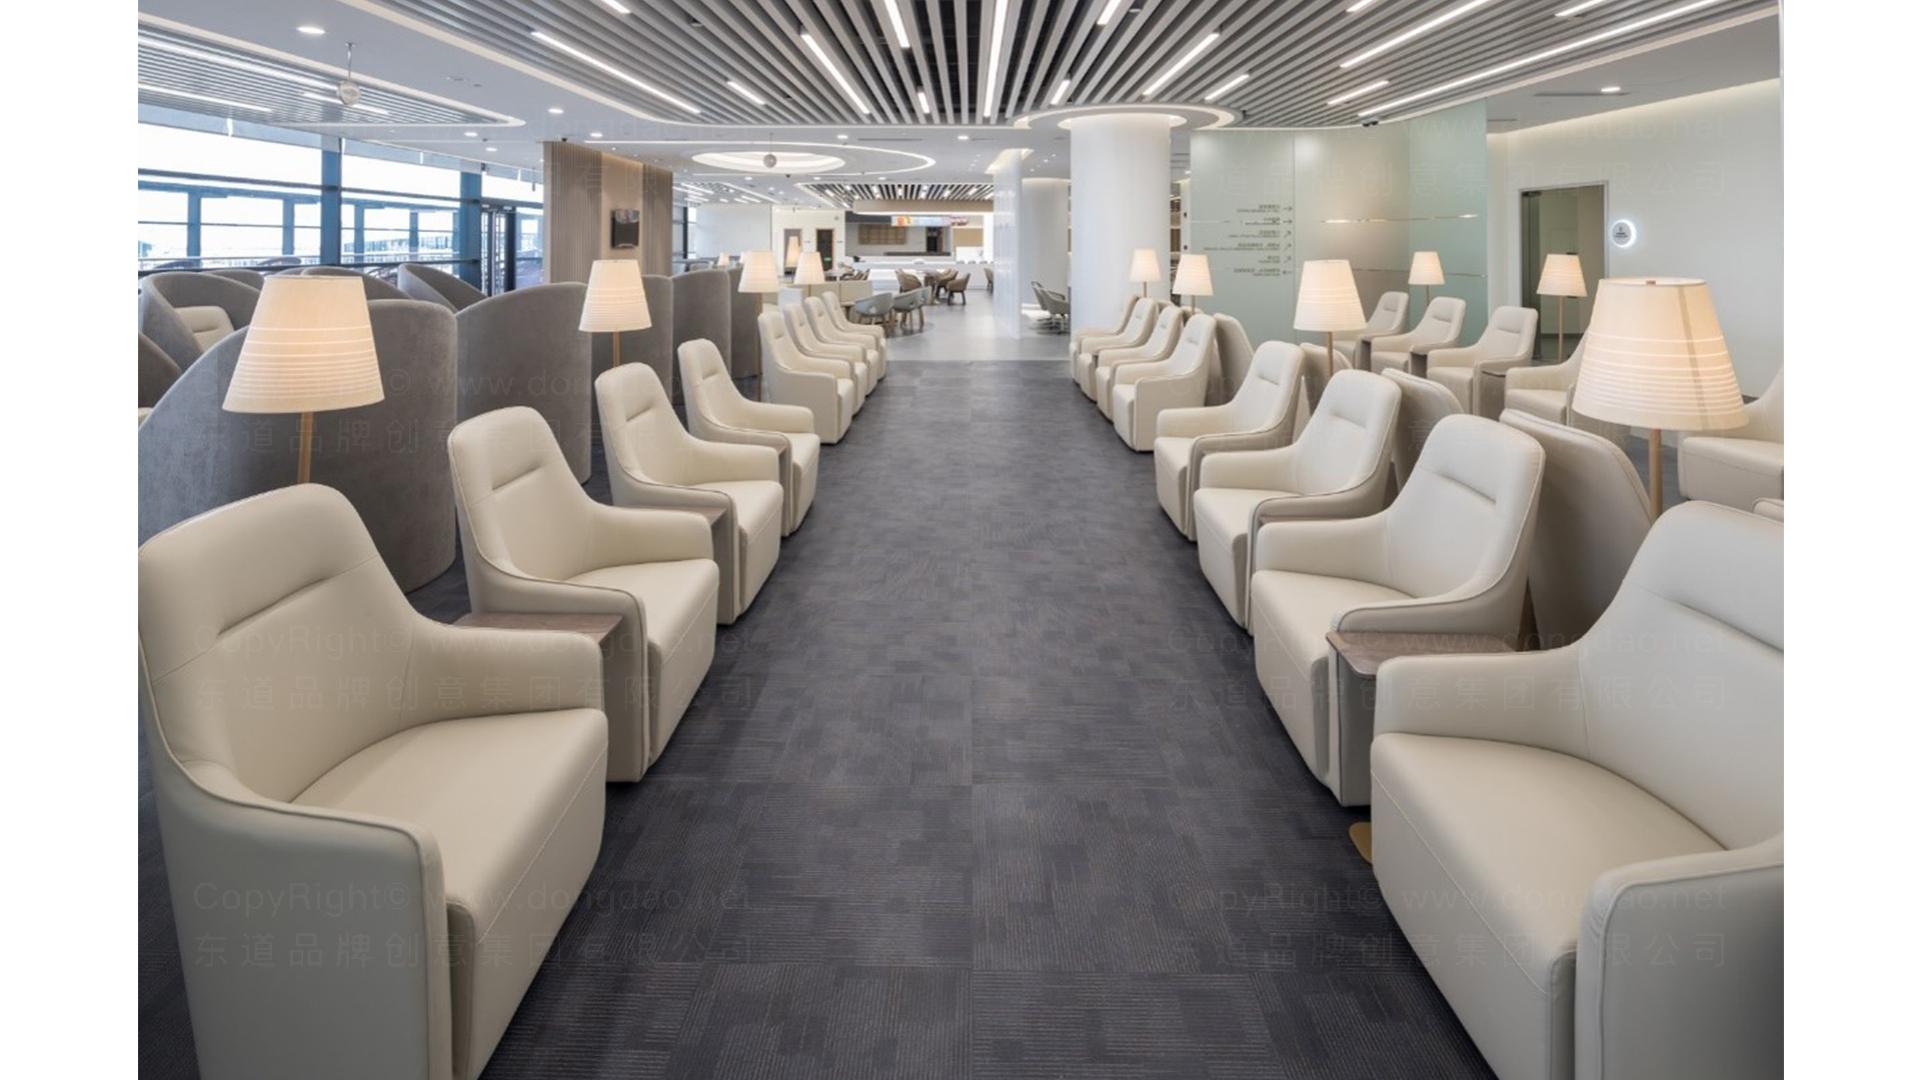 商业空间&导示南方航空南航上海浦东机场 S2 卫星听高端旅客休息室 SI应用场景_15